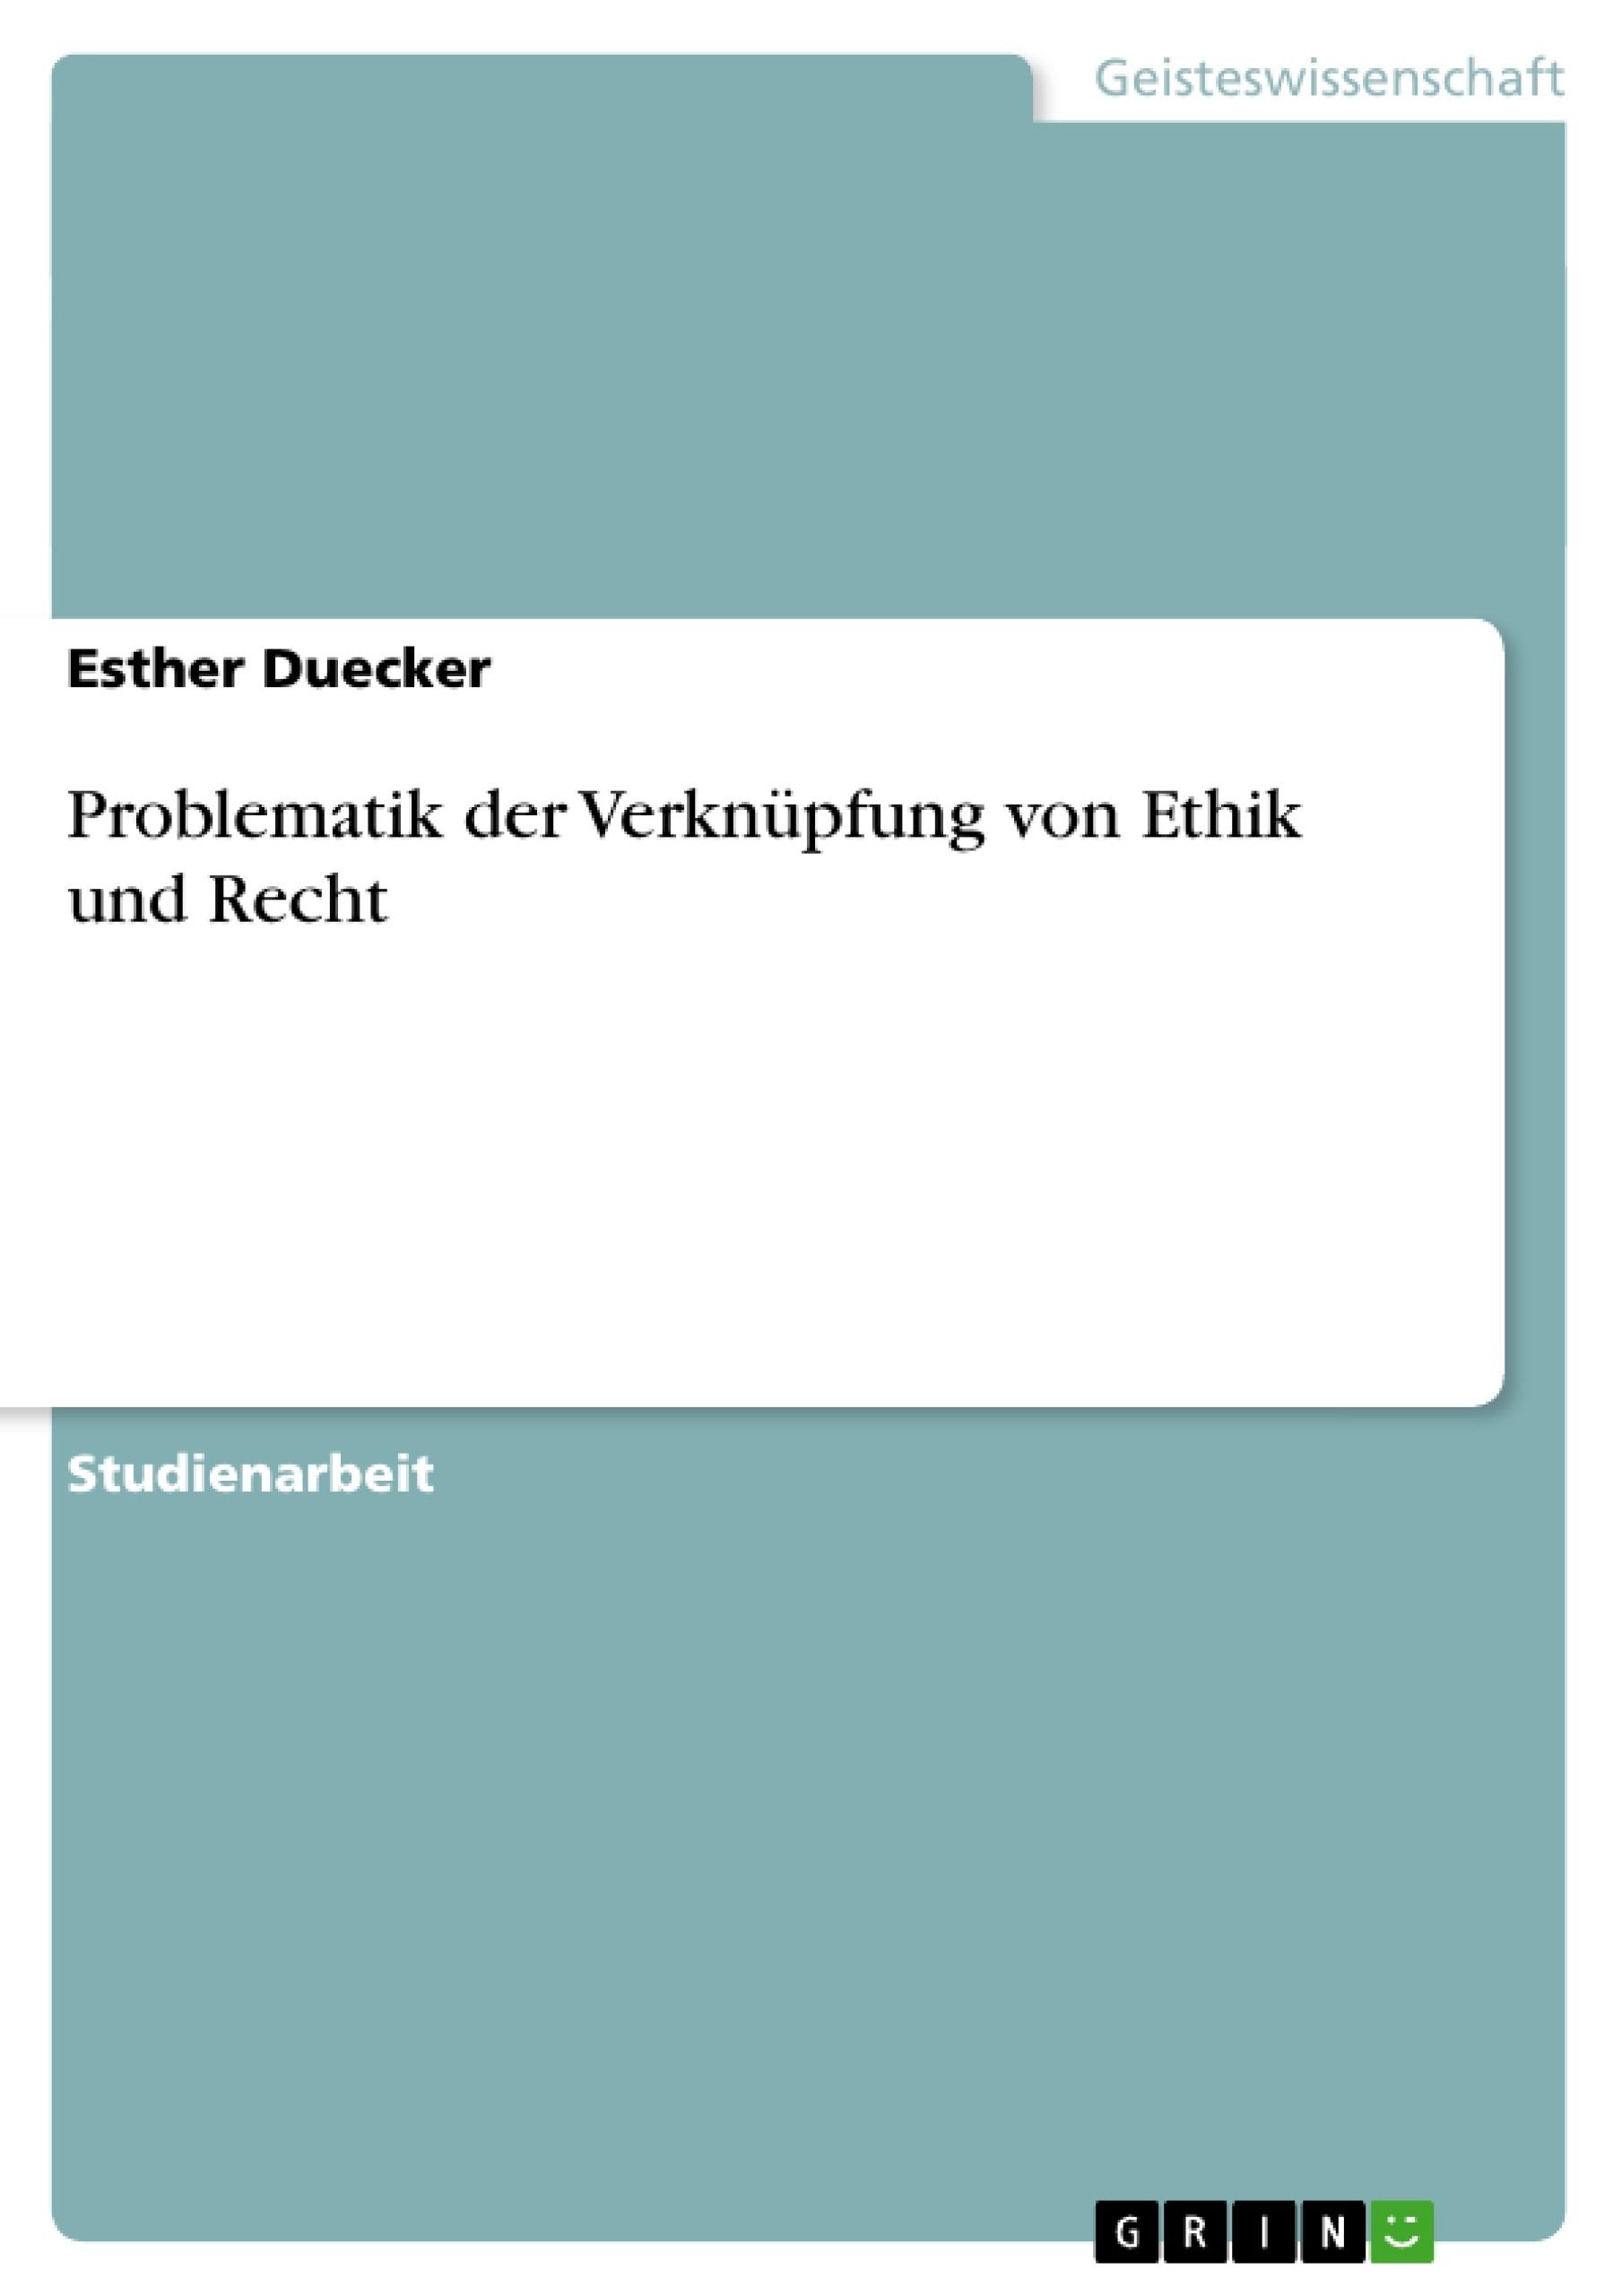 Titel: Problematik der Verknüpfung von Ethik und Recht